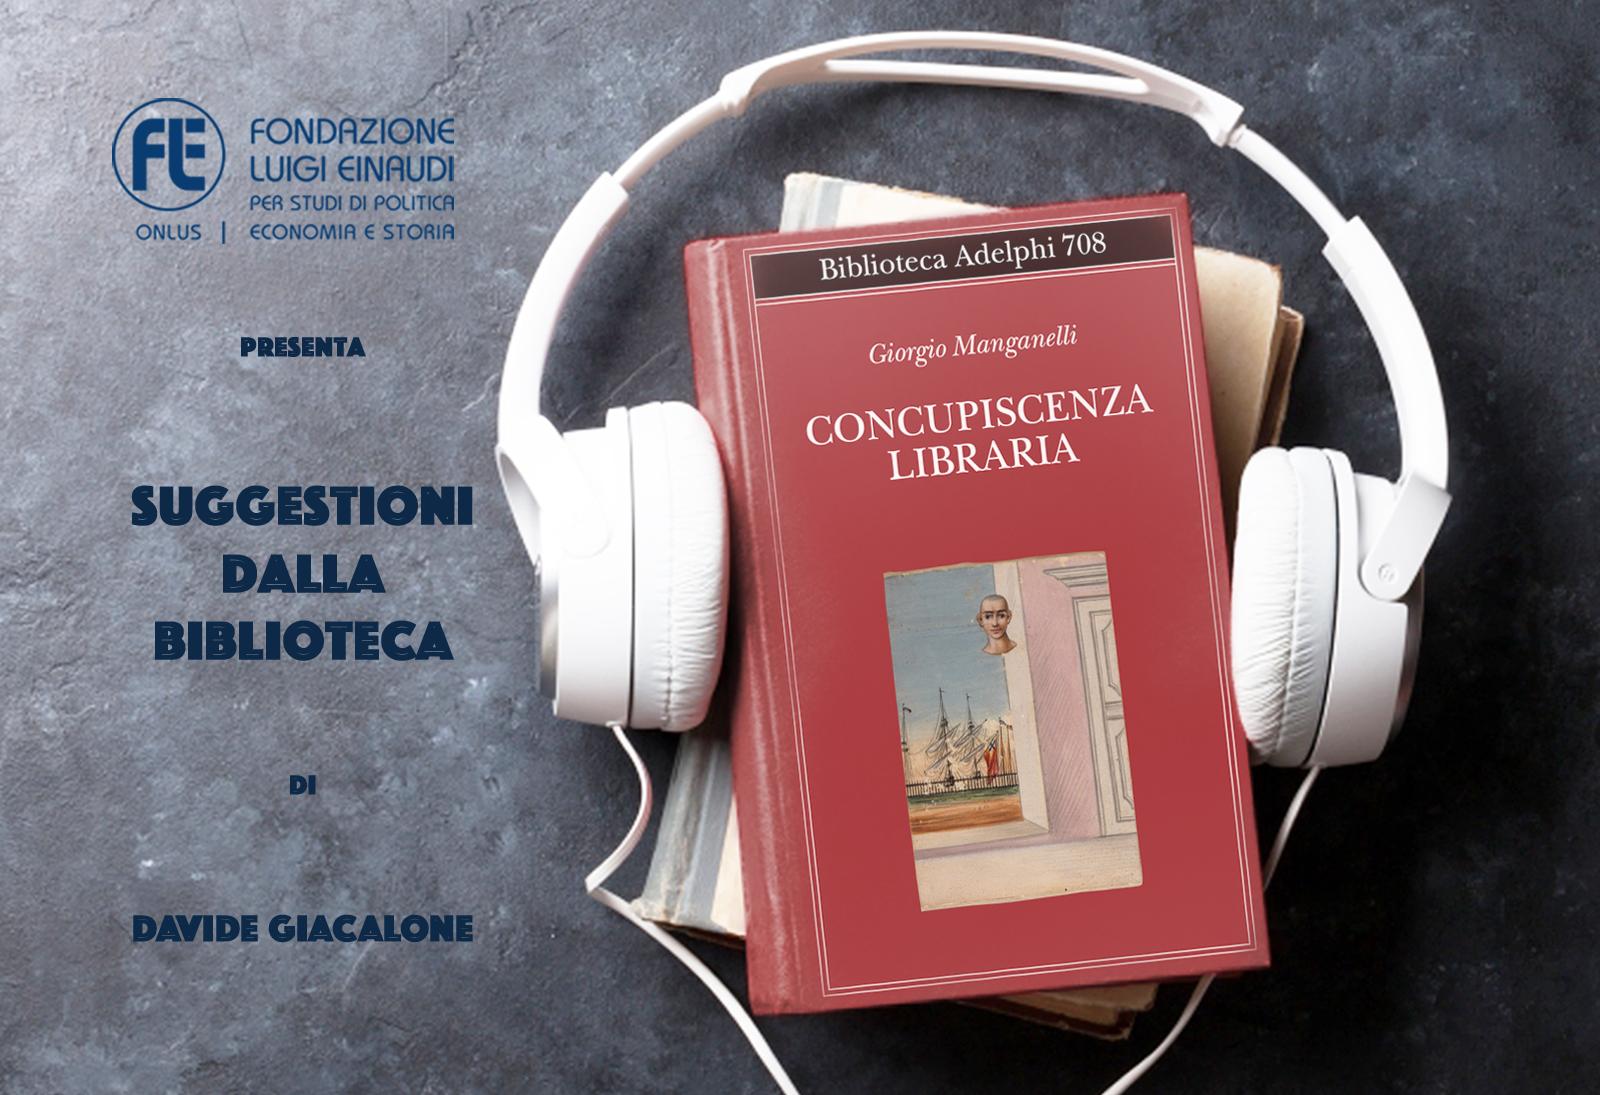 Giorgio Manganelli – Concupiscenza libraria